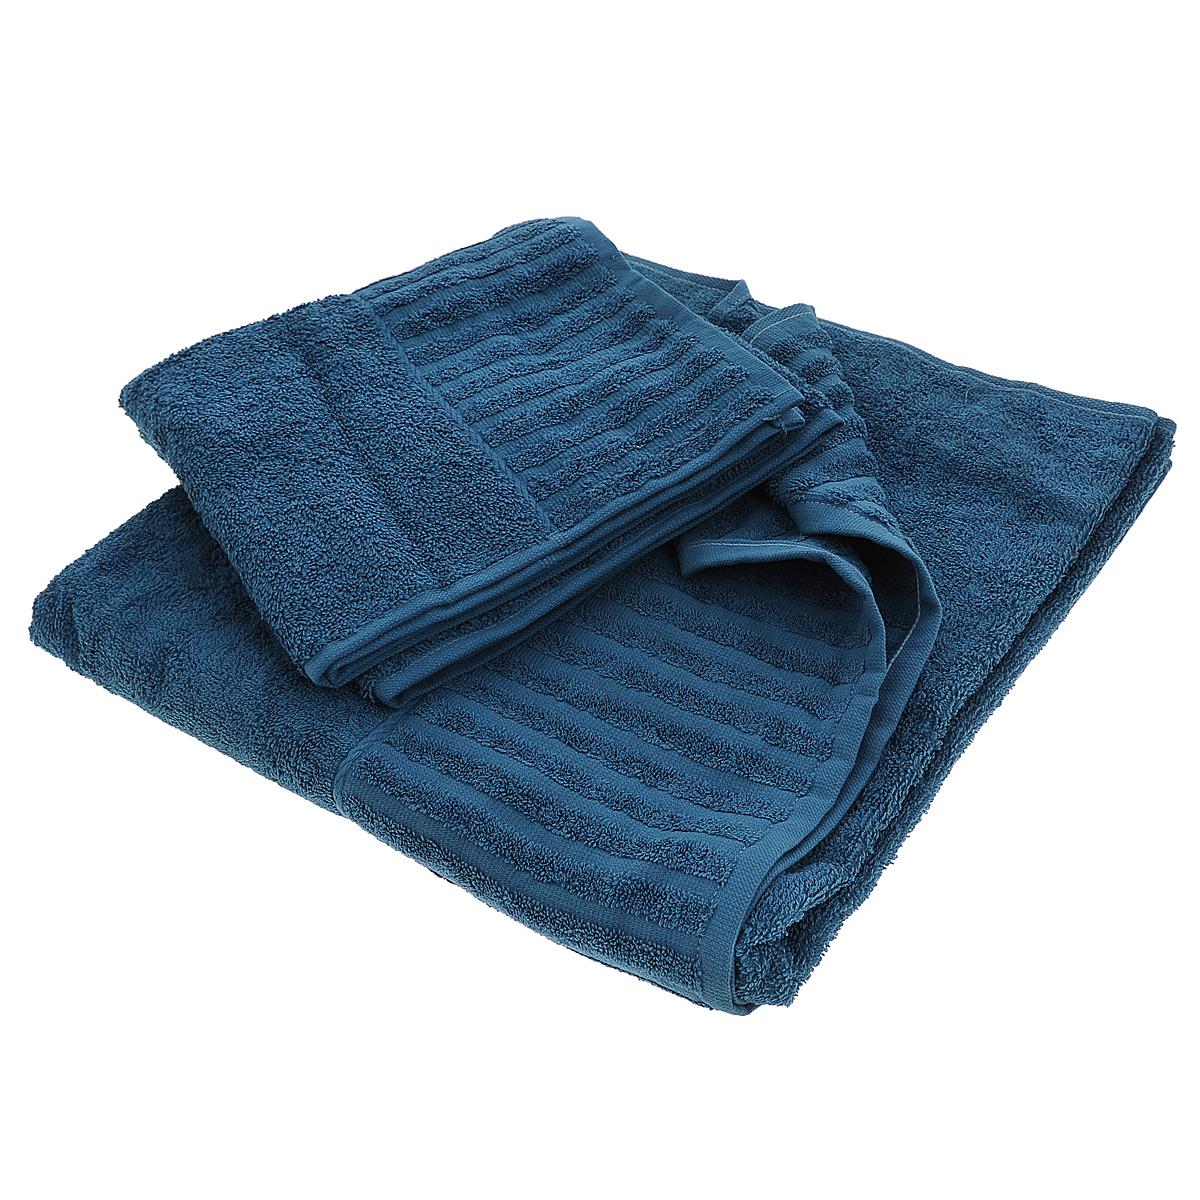 Набор махровых полотенец Bonita, цвет: черничный, 2 шт01011116228Набор Bonita состоит из двух полотенец разного размера, выполненных из натурального хлопка. Такие полотенца отлично впитывают влагу, быстро сохнут, сохраняют яркость цвета и не теряют формы даже после многократных стирок. Полотенца очень практичны и неприхотливы в уходе. Размер полотенец: 50 см х 90 см; 70 см х 140 см.